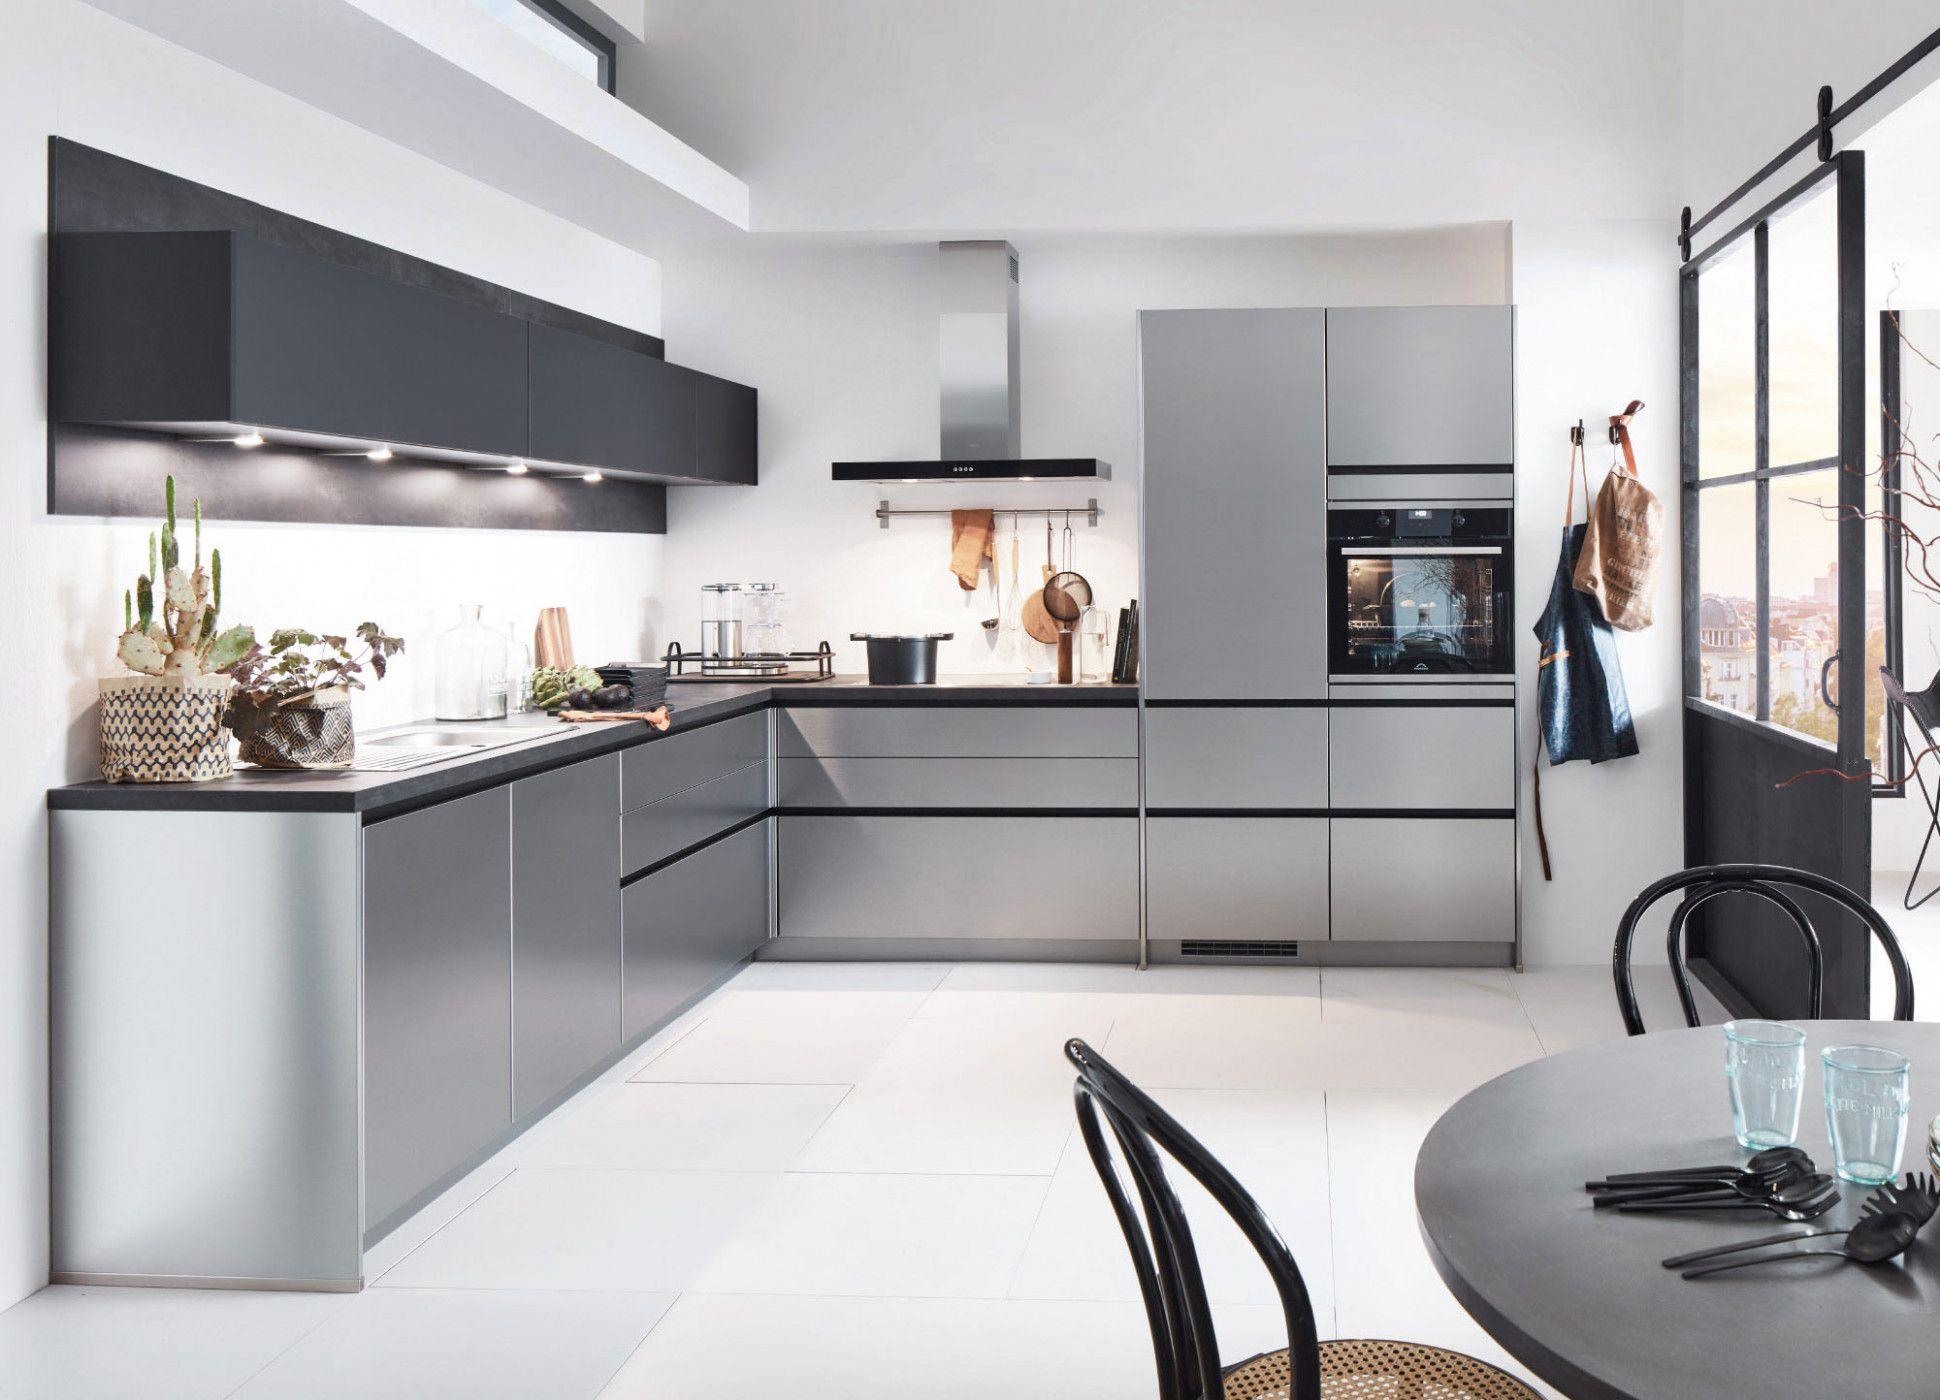 11 Moderne Kuche Ideen Zurich In 2020 Modern Kuchenumbau Kuche Renovieren